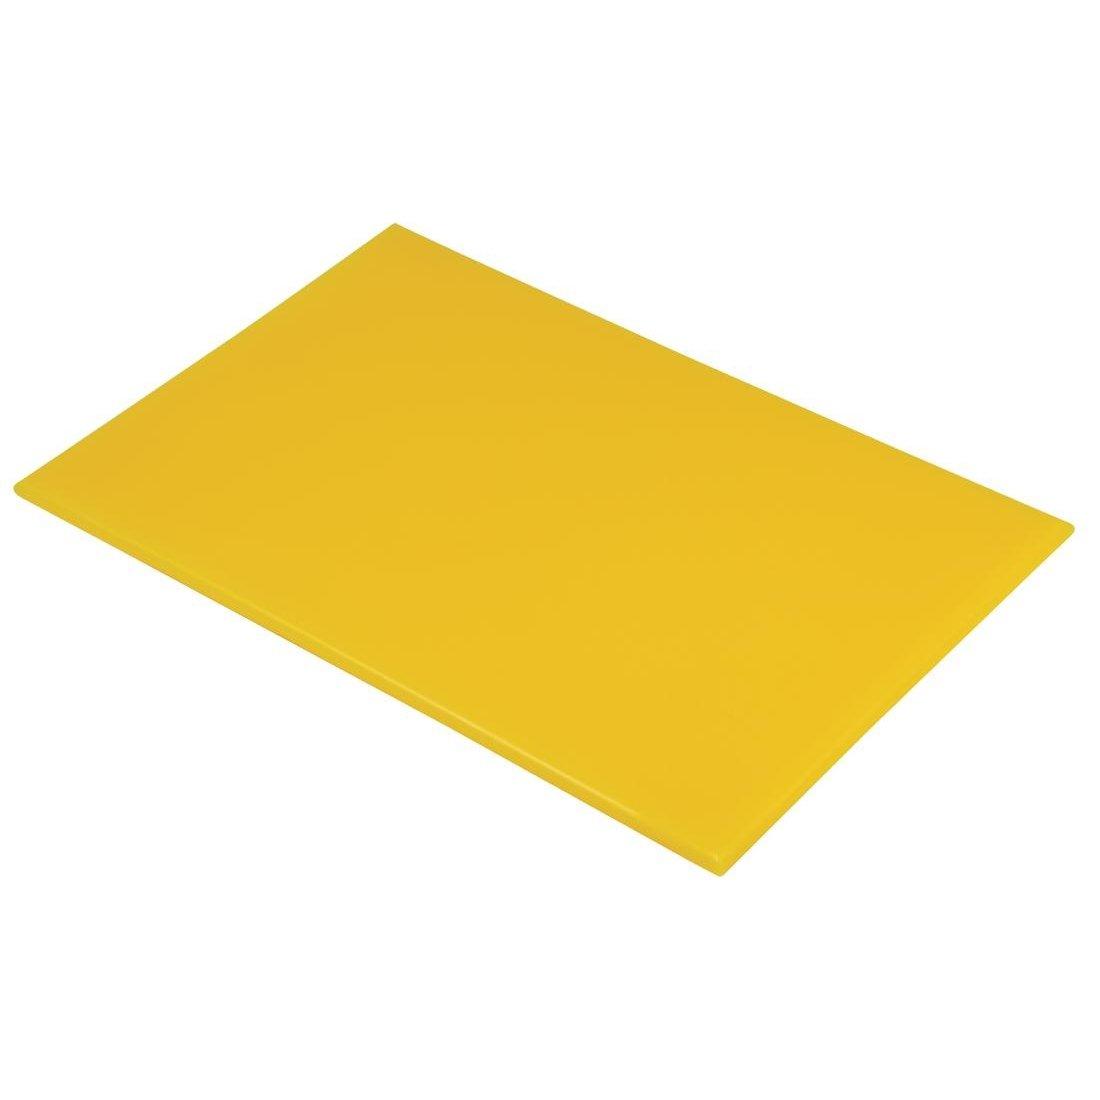 Hygiplas J021grandes de alta densidad Tabla de cortar, amarillo 6049